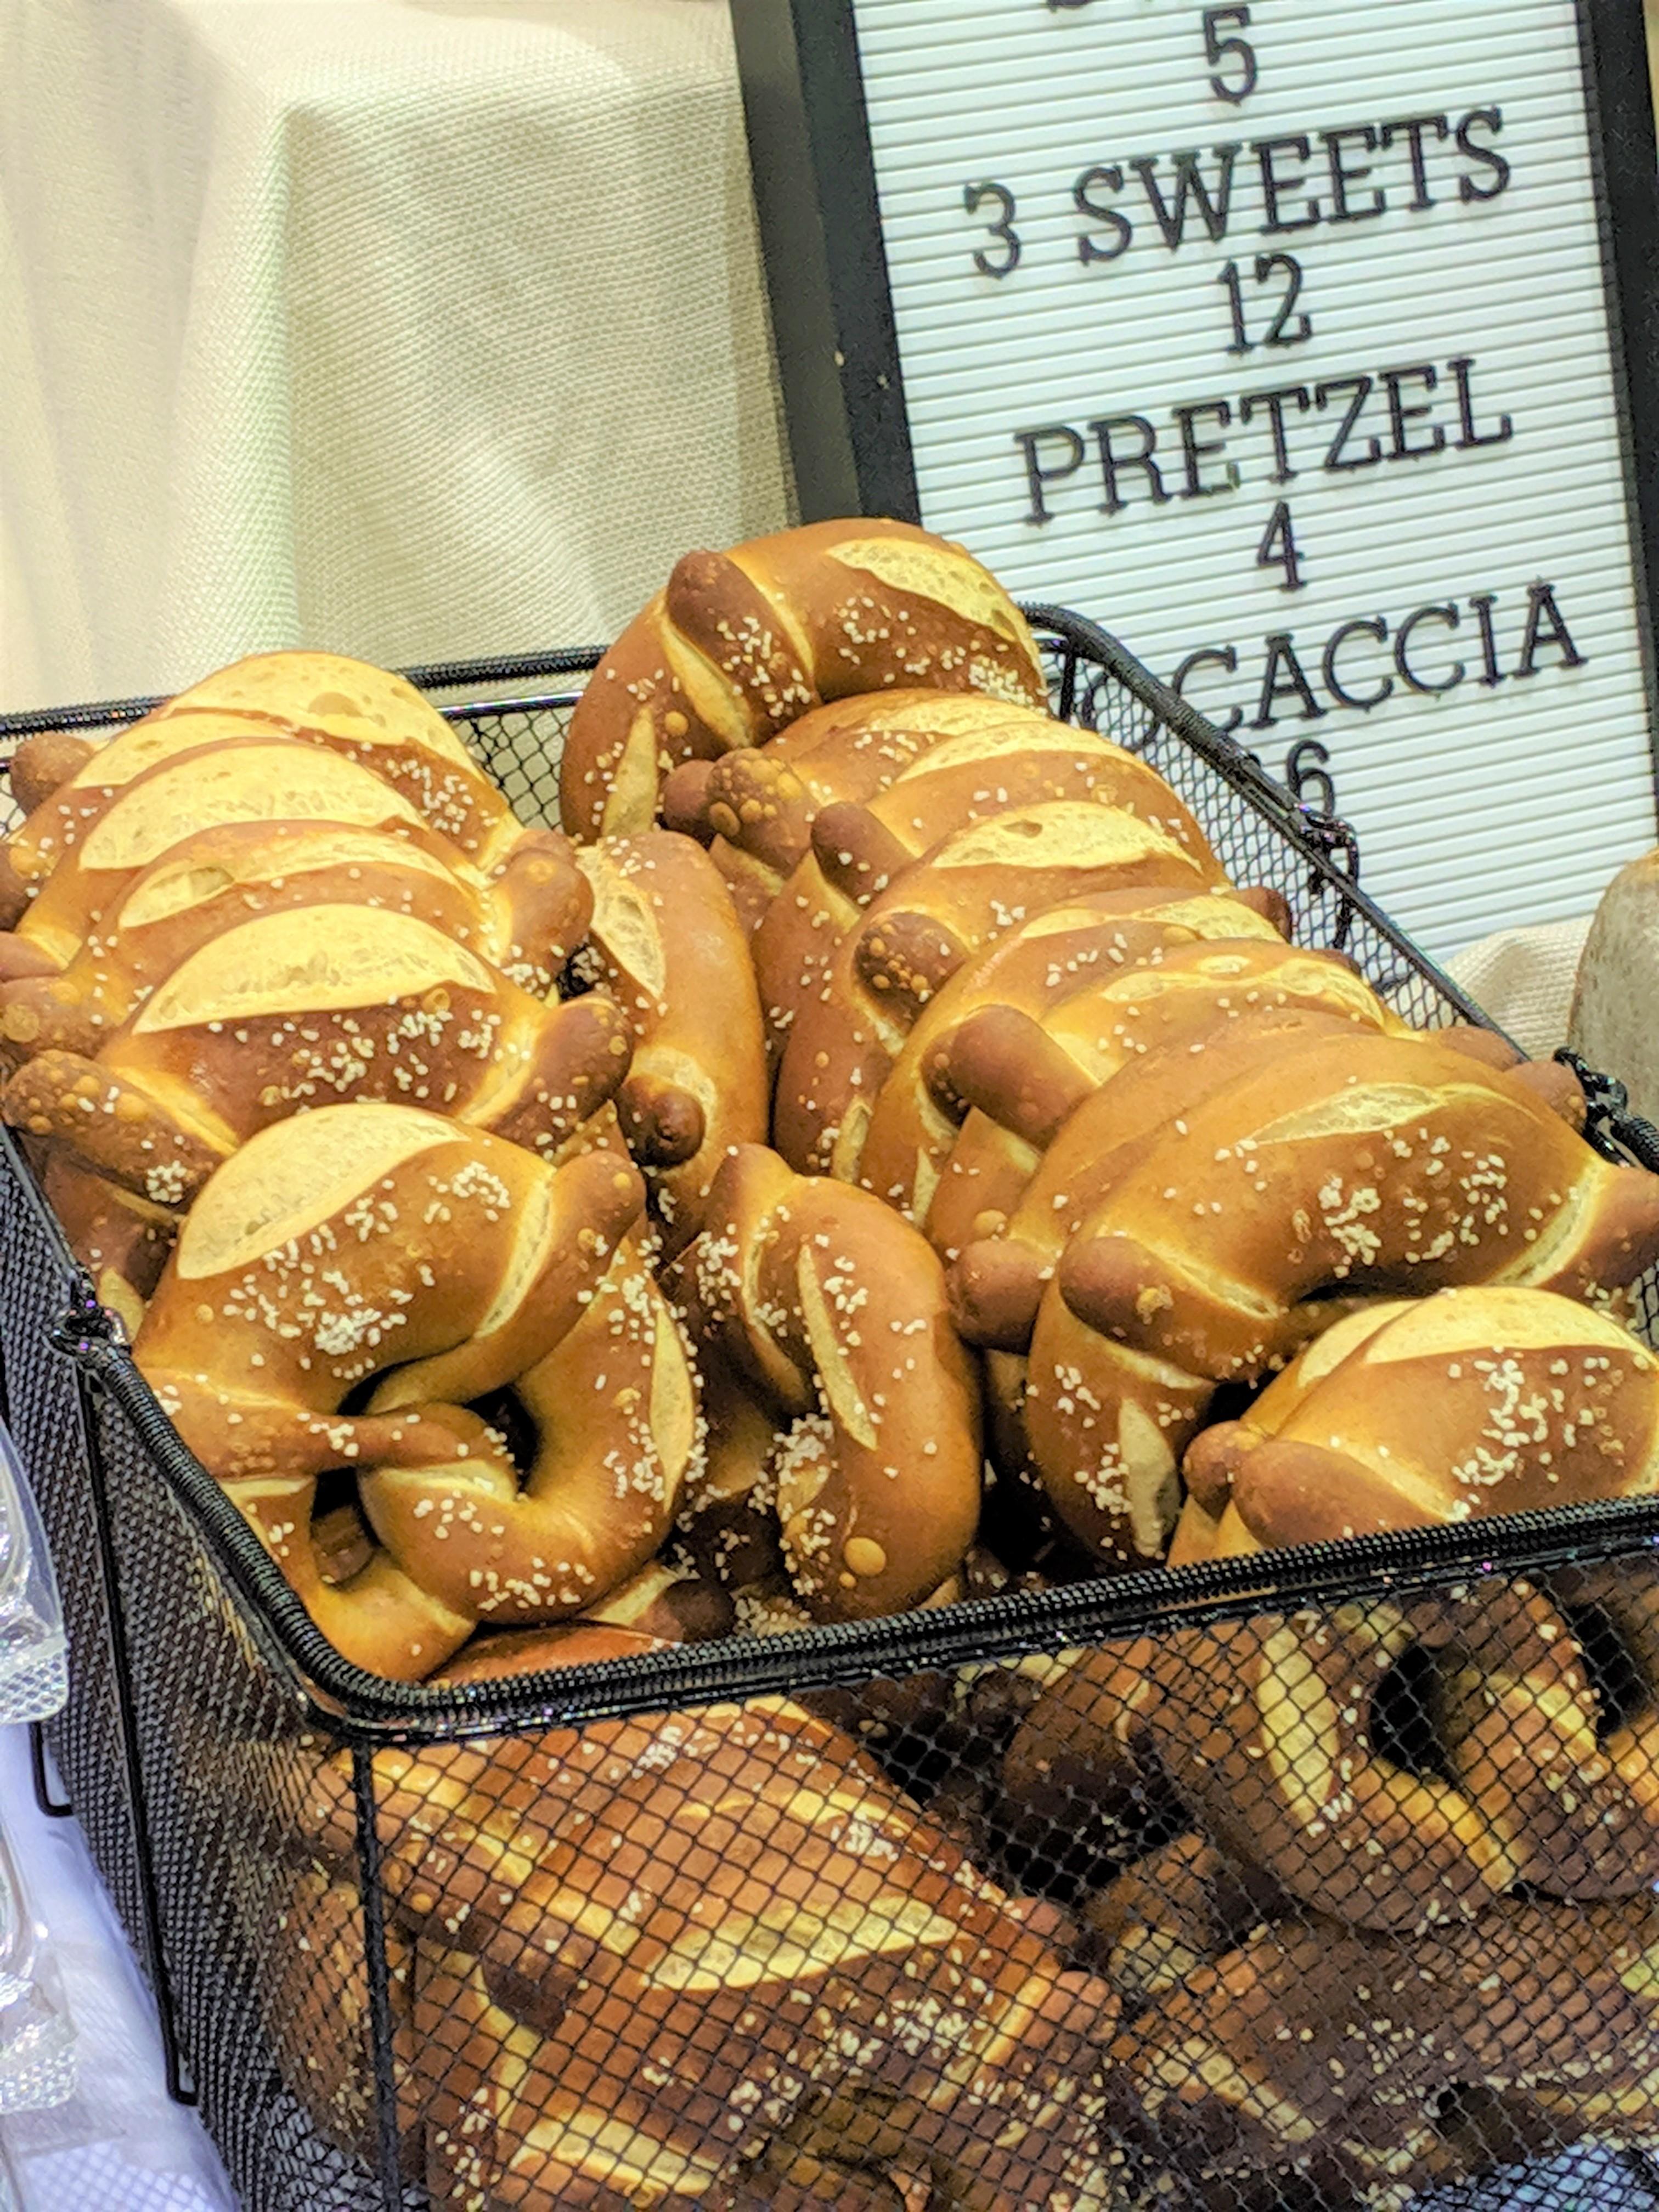 Fresh pretzels from a vendor